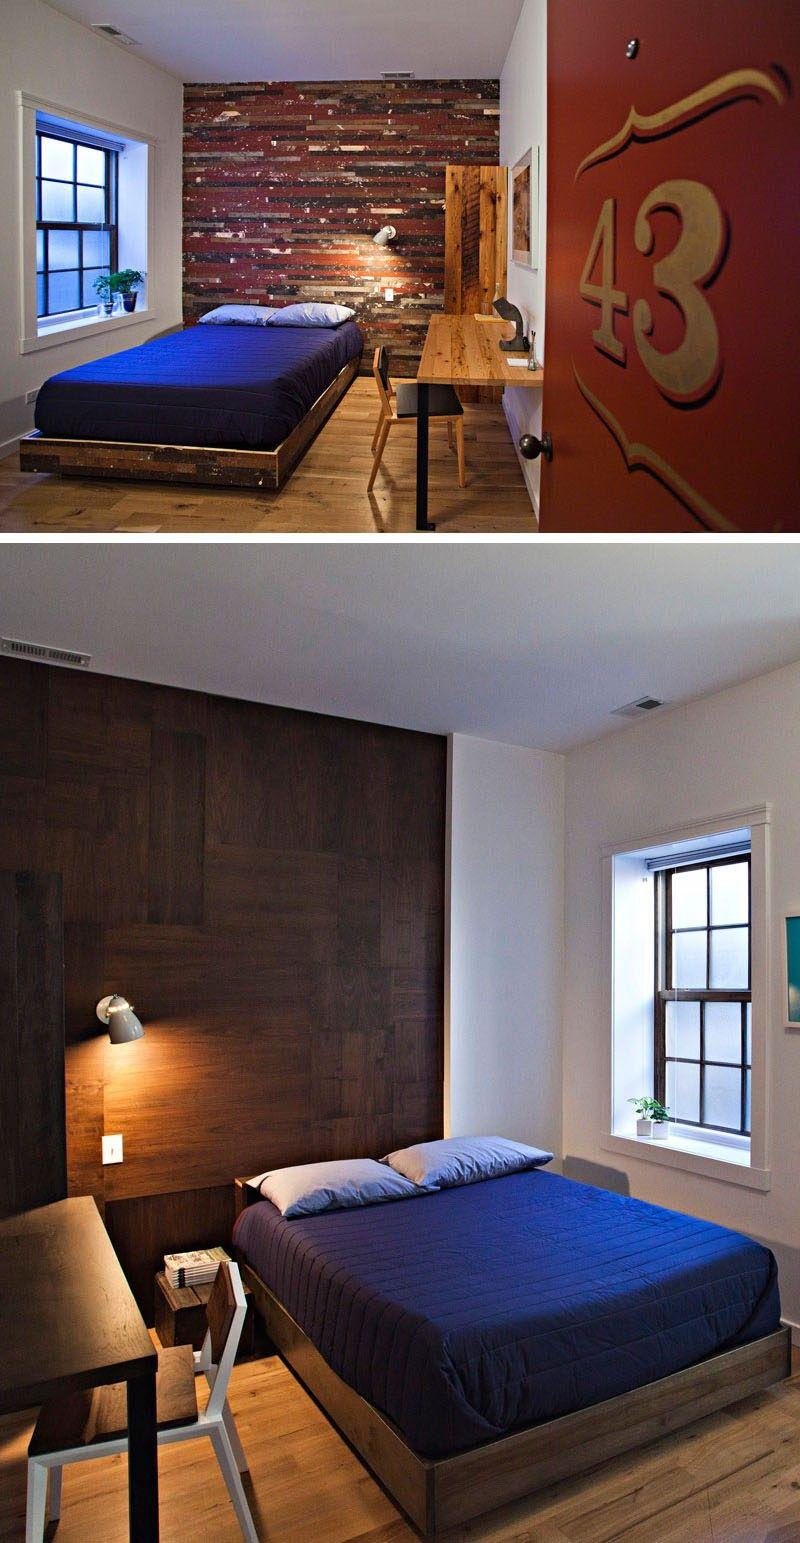 Small Hotel Room Design: 8 Kleine Hotelzimmer Die Ihre Winzigen Raum Zu Maximieren